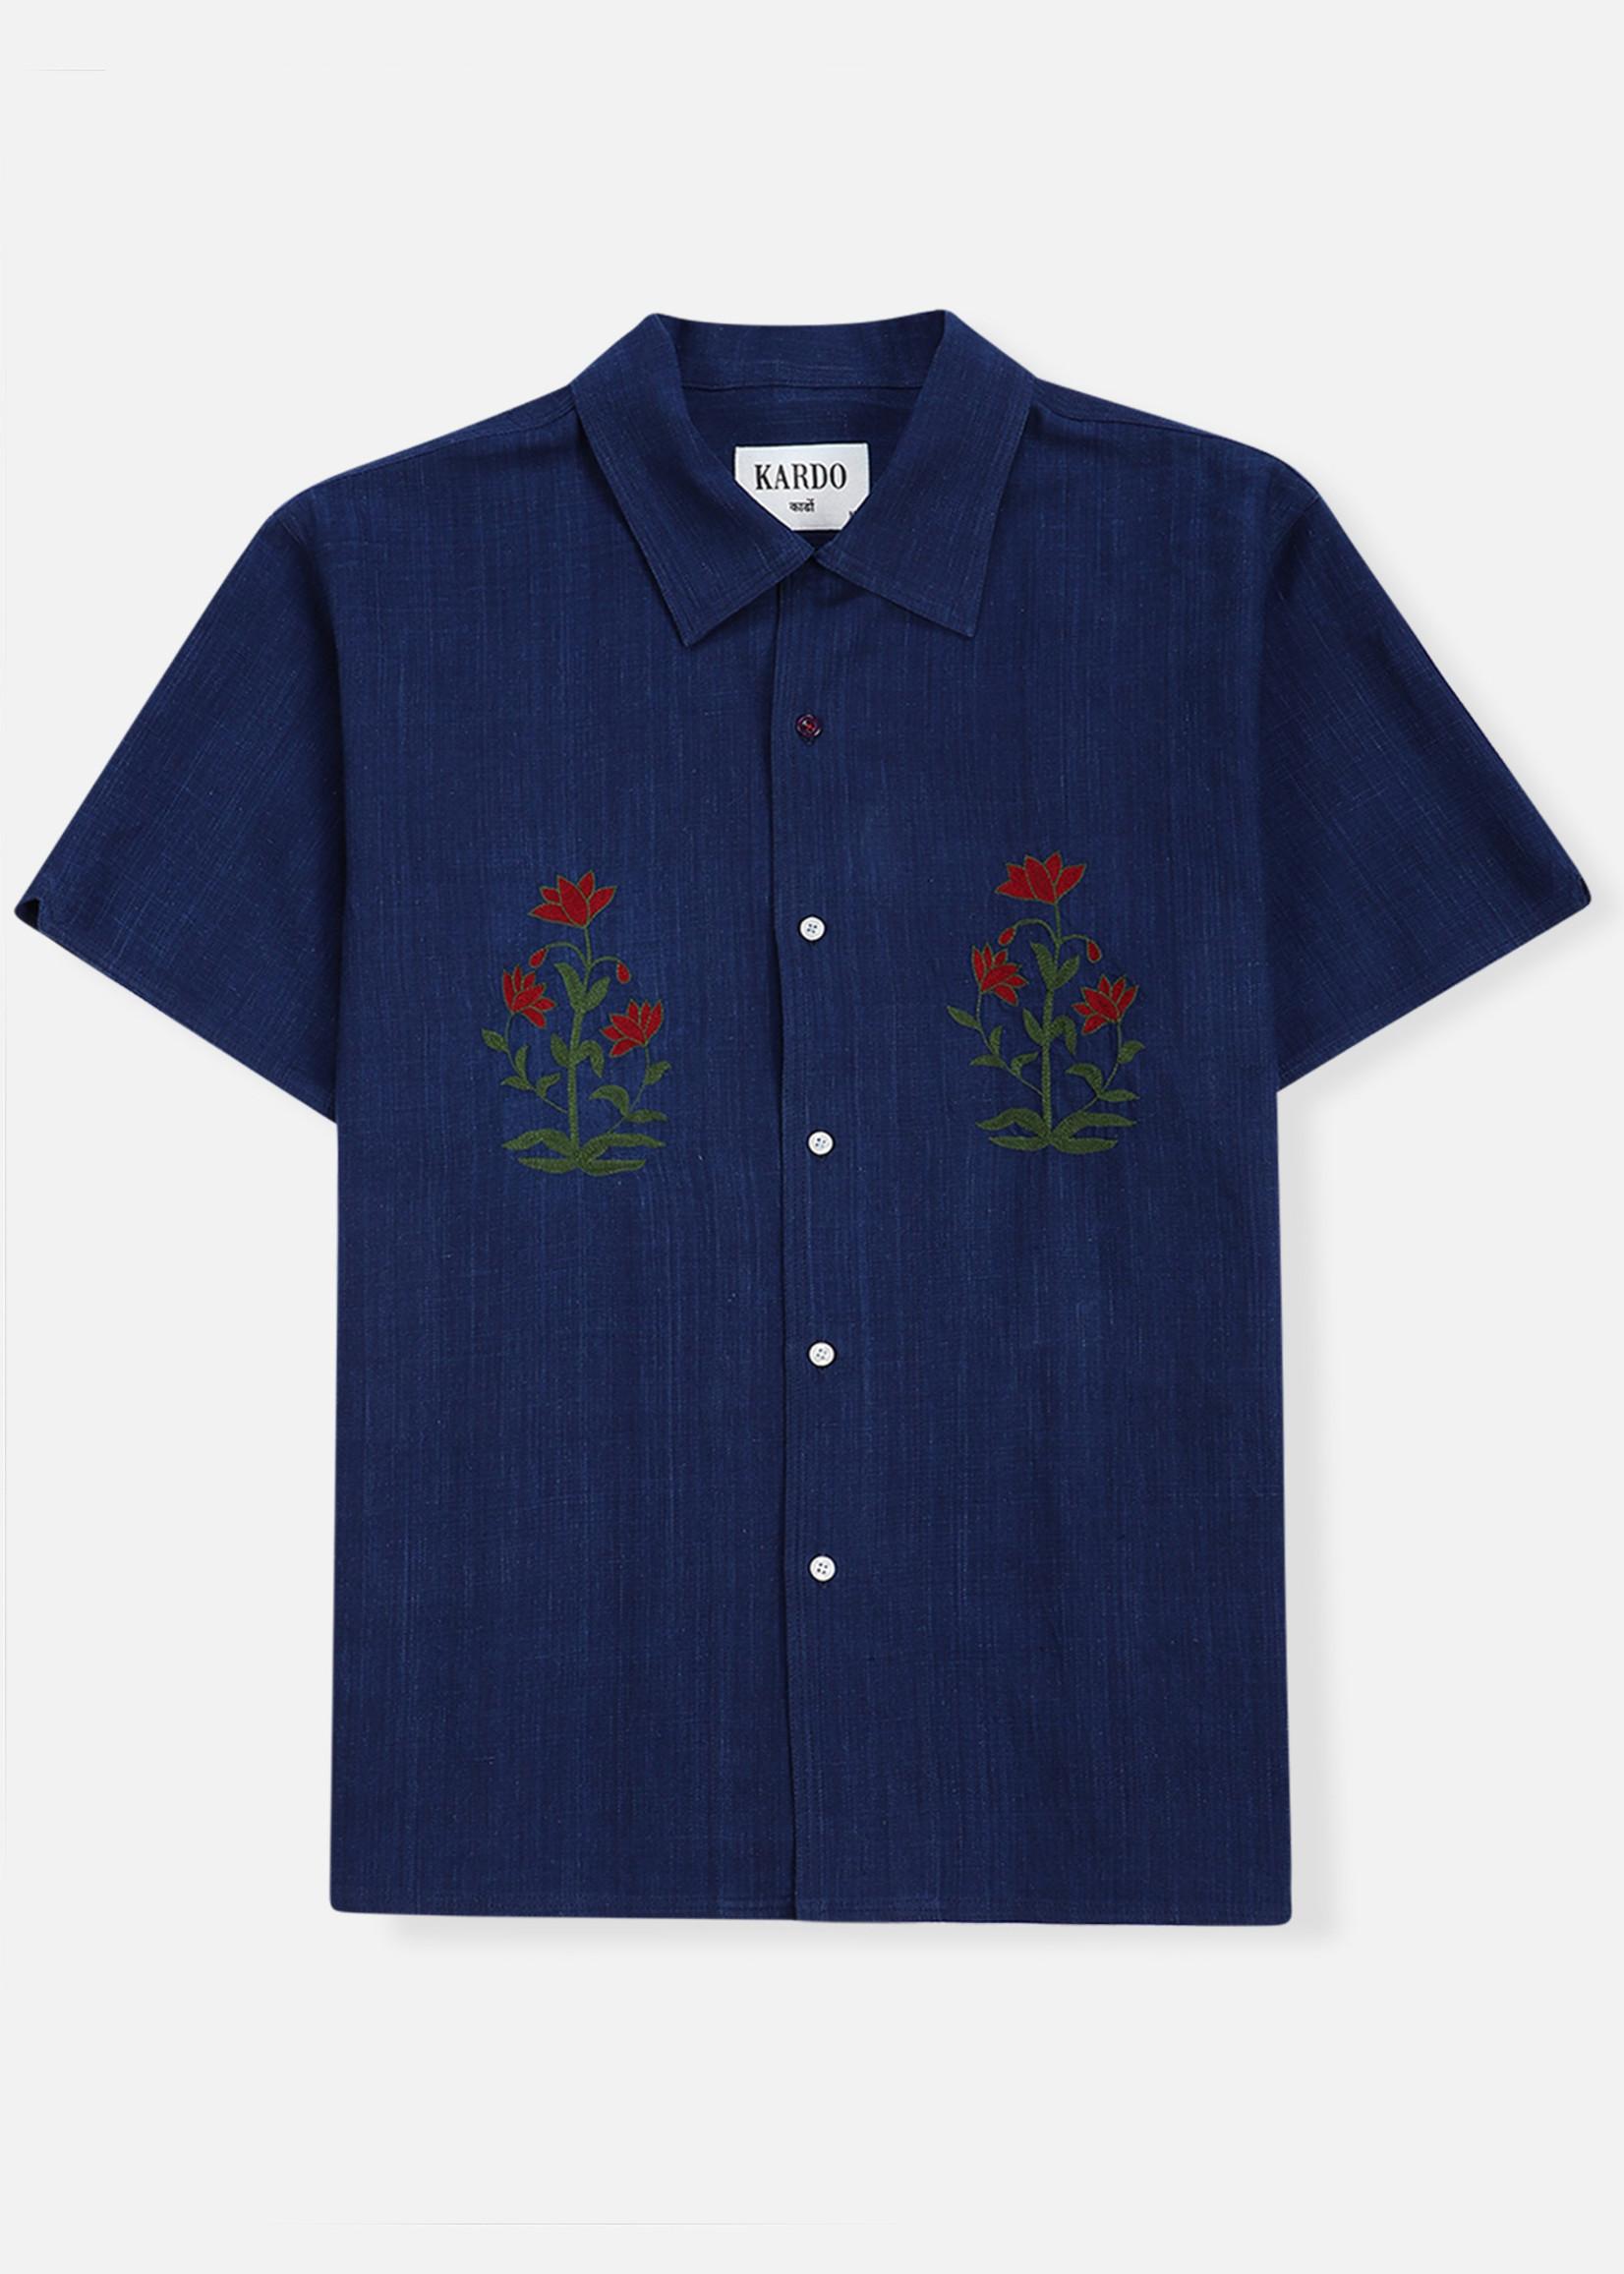 Kardo Kardo Lamar Chambray Short Sleeve Shirt